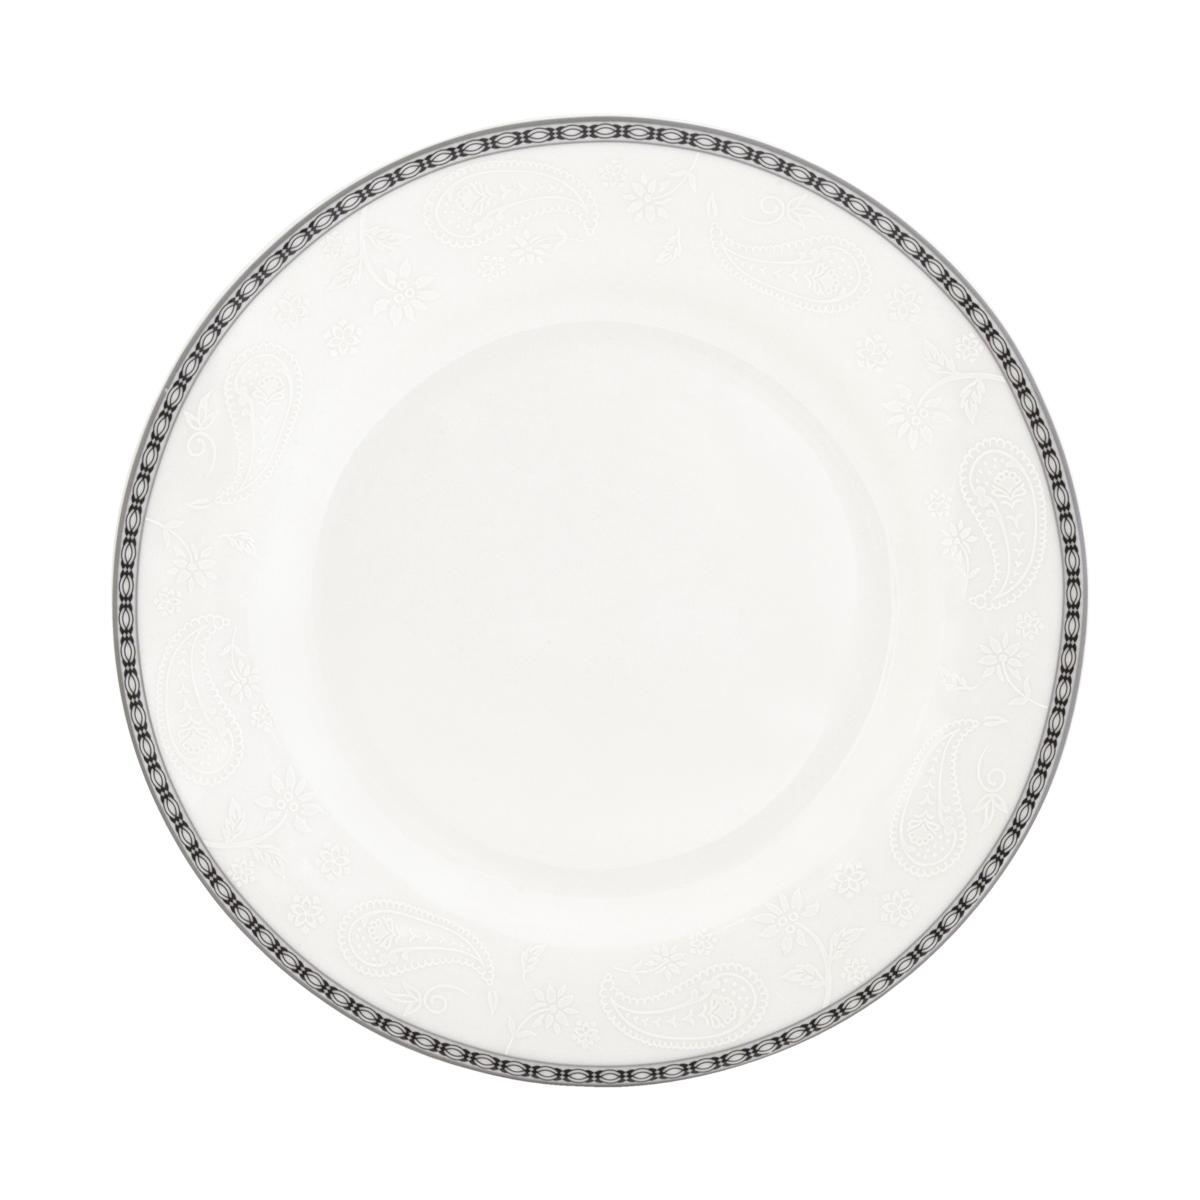 Набор суповых тарелок Esprado Arista White, диаметр 23 см, 6 шт. ARW023WE301ARW023WE301Набор Esprado Arista White состоит из шести суповых тарелок, декорированных изысканной каймой с орнаментом и тиснением с принтом пейсли. Посуда выполнена из костяного фарфора, основные составляющие которого костная зола и каолин. От содержания костной золы зависит белизна и прозрачность фарфора. В материале, который используется для создания посуды Esprado, его содержание от 48 до 50%.Родина костной золы, из которой производится посуда Esprado, Великобритания, славящаяся сырьем высокого качества. Каолин, белая глина на основе природного минерала, поступает из Новой Зеландии, одного из наиболее экологически чистых регионов мира. Такое сочетание обеспечивает высокое качество материала и безупречный оттенок слоновой кости. Экологическая глазурь из Японии, высоко ценящаяся во всем мире, которой покрывается готовое изделие, позволяет добиться идеально ровного цвета и кристального блеска. В костяном фарфоре отсутствуют примеси кадмия и свинца, а потому он абсолютно нетоксичен и безопасен. Посуда из фарфора Esprado прочна и устойчива к истиранию: царапины от ножа и сеточки трещин не появятся на ней даже через несколько лет. Серия Arista названа в честь первой правящей династии королевства Наварра - современной провинции Наварра в Северной Испании и Атлантических Пиренеев в современной Южной Франции. Аристократическая роскошь и непринужденная элегантность отличает каждый предмет коллекции. Белый цвет тождественен солнечному свету, а свет - это божество, благо, жизнь, полнота бытия. Белизна также является символом высокого общественного положения - благородства, величия, благосостояния. Столовая посуда Arista White, выполненная в ослепительном белом цвете и дополненная изящным платиновым декором, идеальный выбор для создания атмосферы аристократического приема за вашим столом.Можно использовать в микроволновой печи и мыть в посудомоечной машине.